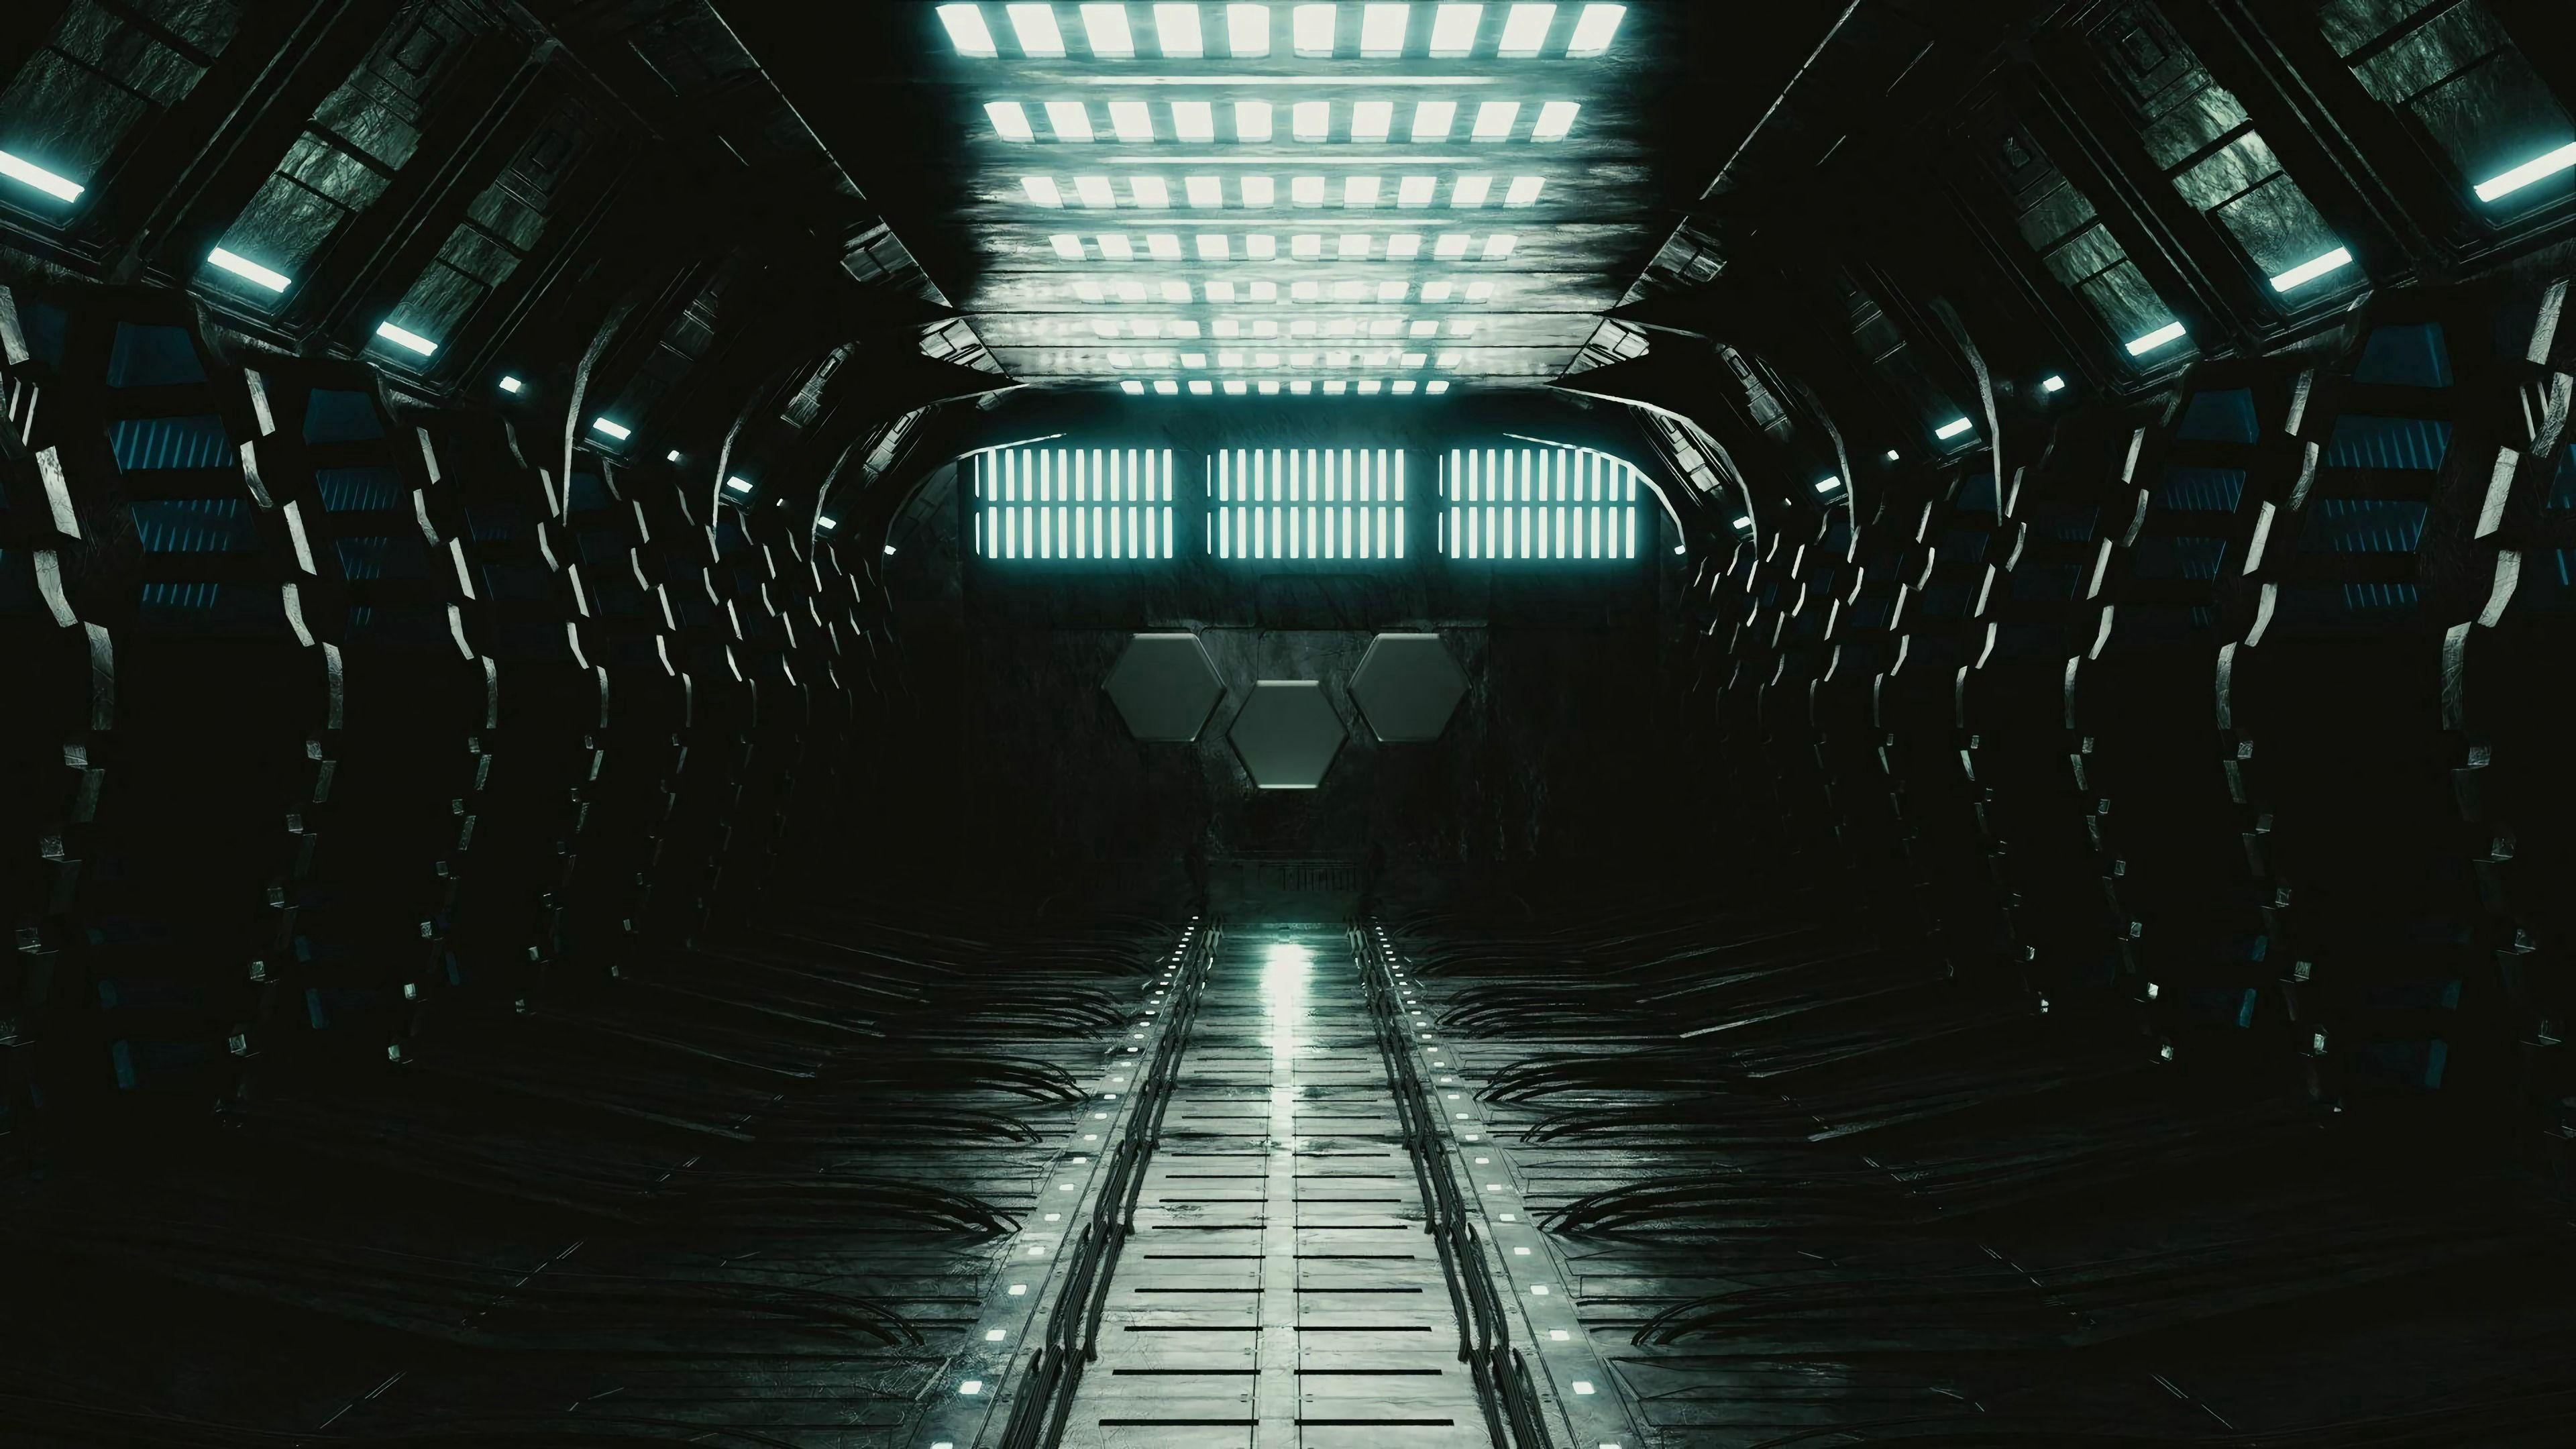 免費壁紙112216:黑暗的, 黑暗, 走廊, 前提, 房间, 灯, 灯具, 灯光, 照明 下載手機圖片